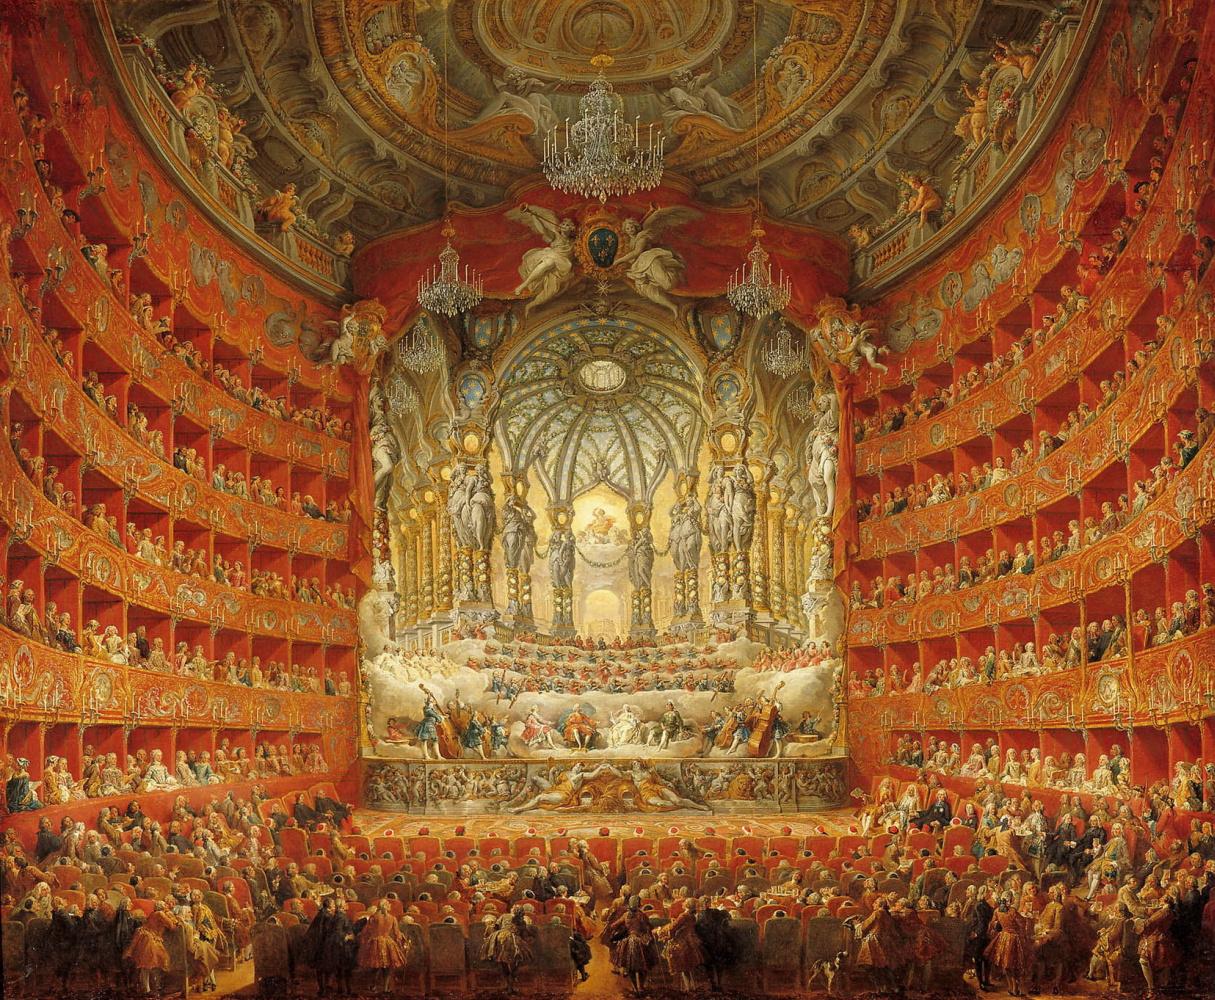 Джованни Паоло Паннини. Музыкальное представление в Театро Арджентина по случаю бракосочетания дофина